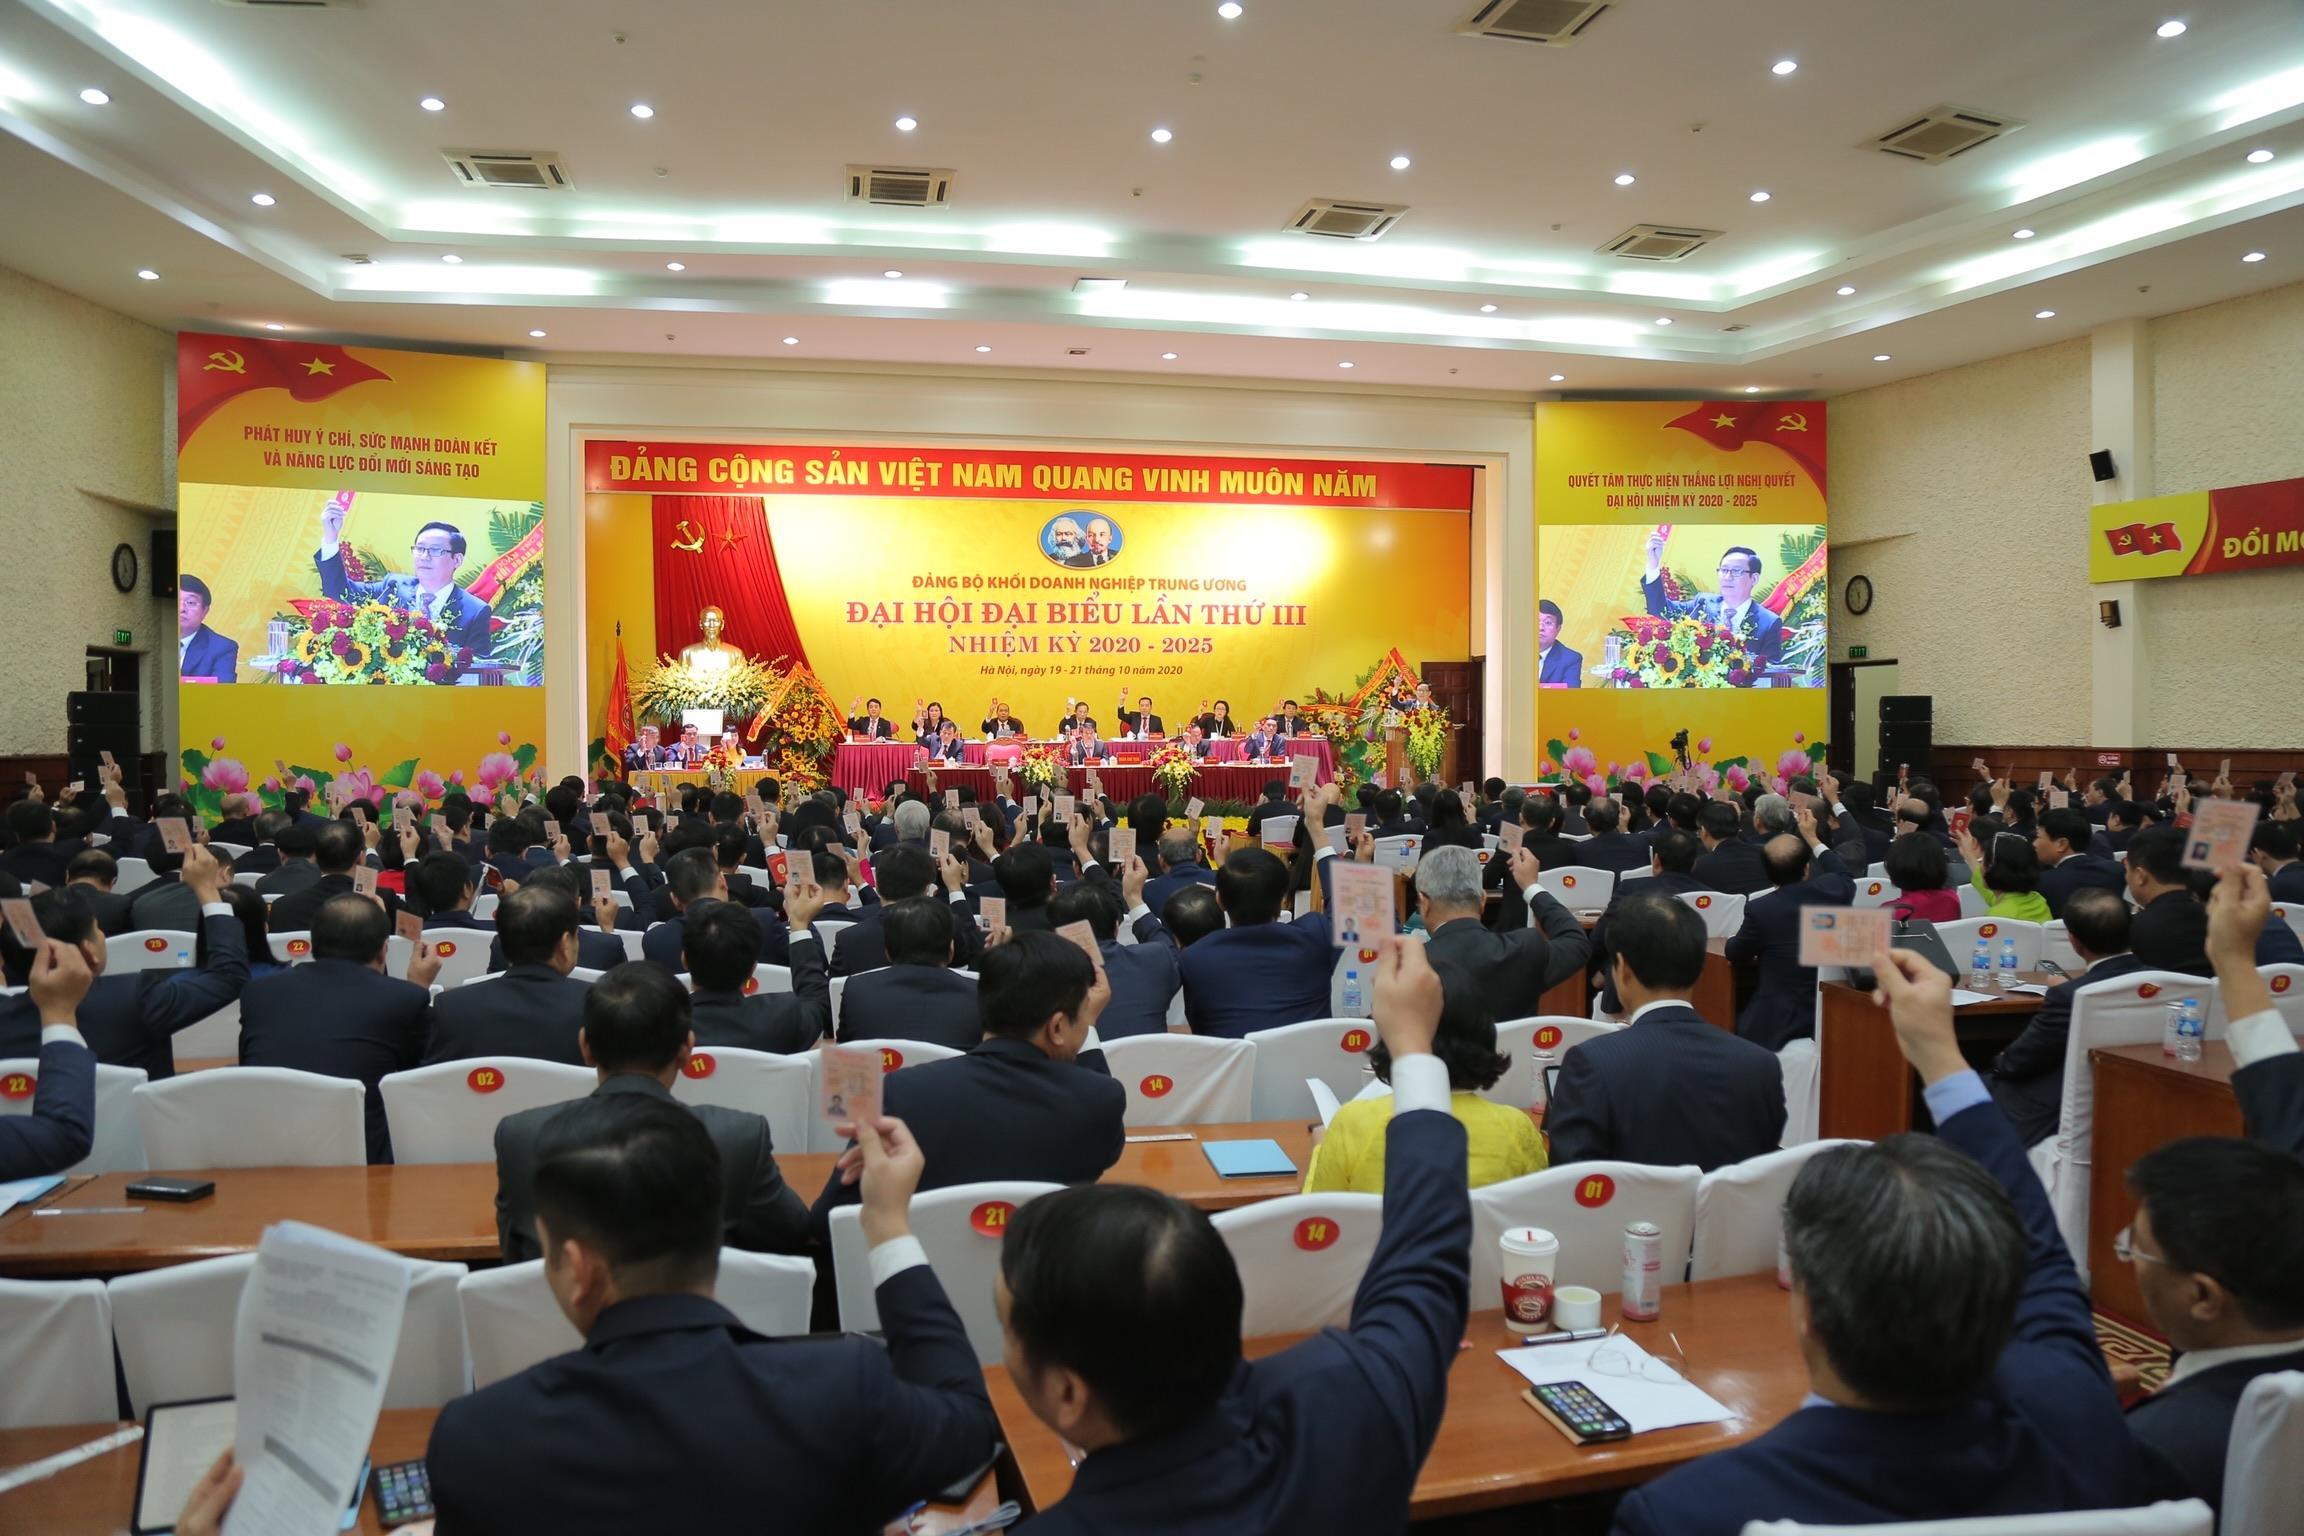 Đại hội Đảng bộ Khối Doanh nghiệp Trung ương thành công tốt đẹp